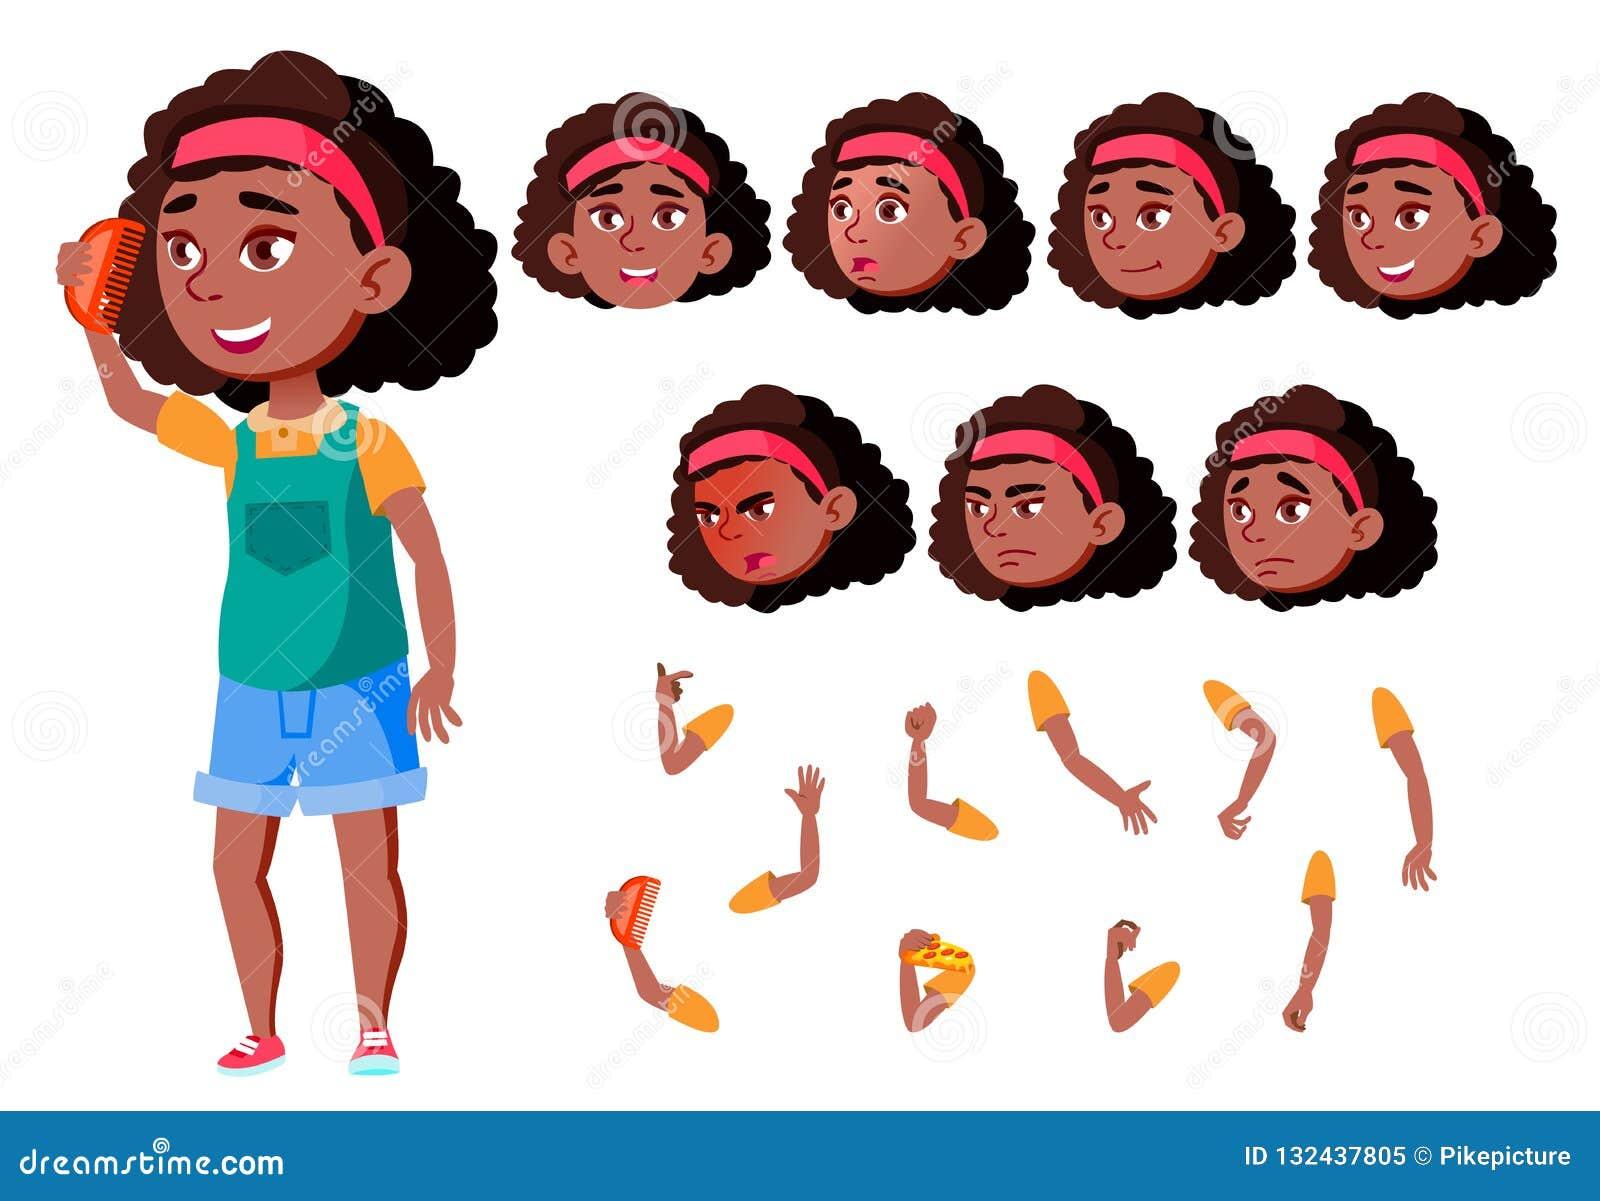 青少年的女孩传染媒介 投反对票 美国黑人 少年 逗人喜爱,可笑 喜悦 面孔情感,各种各样的姿态 动画创作